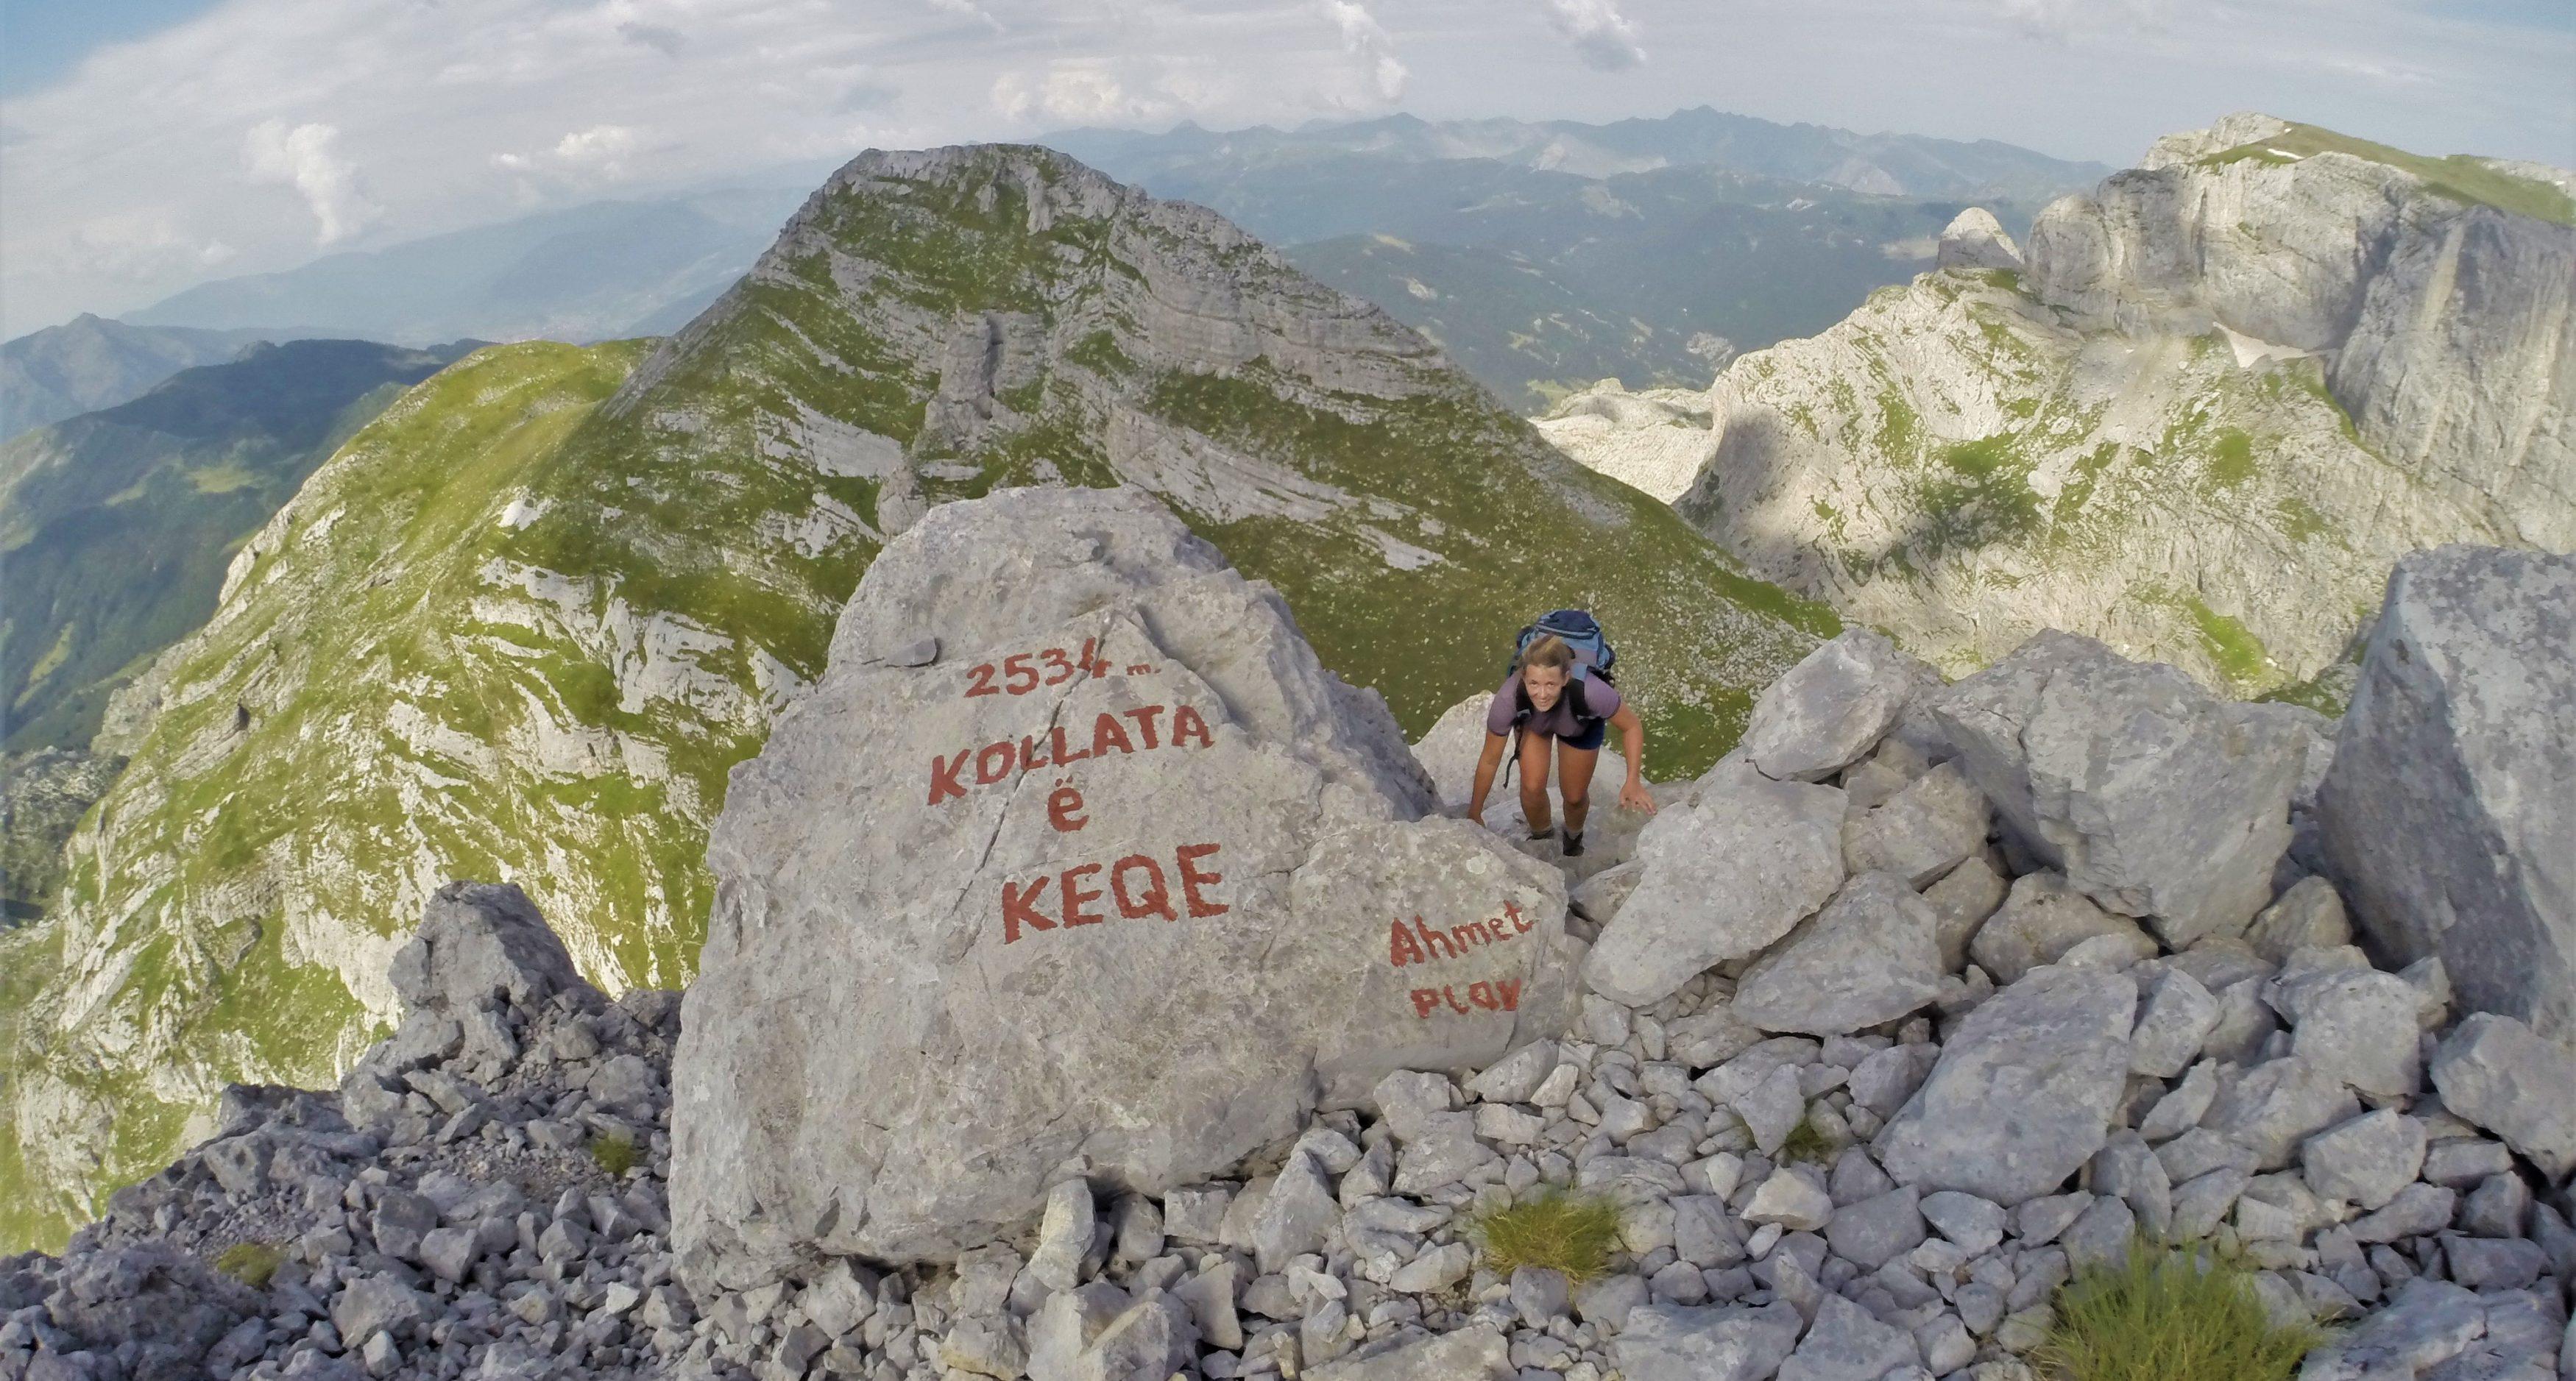 Zla Kolata summit